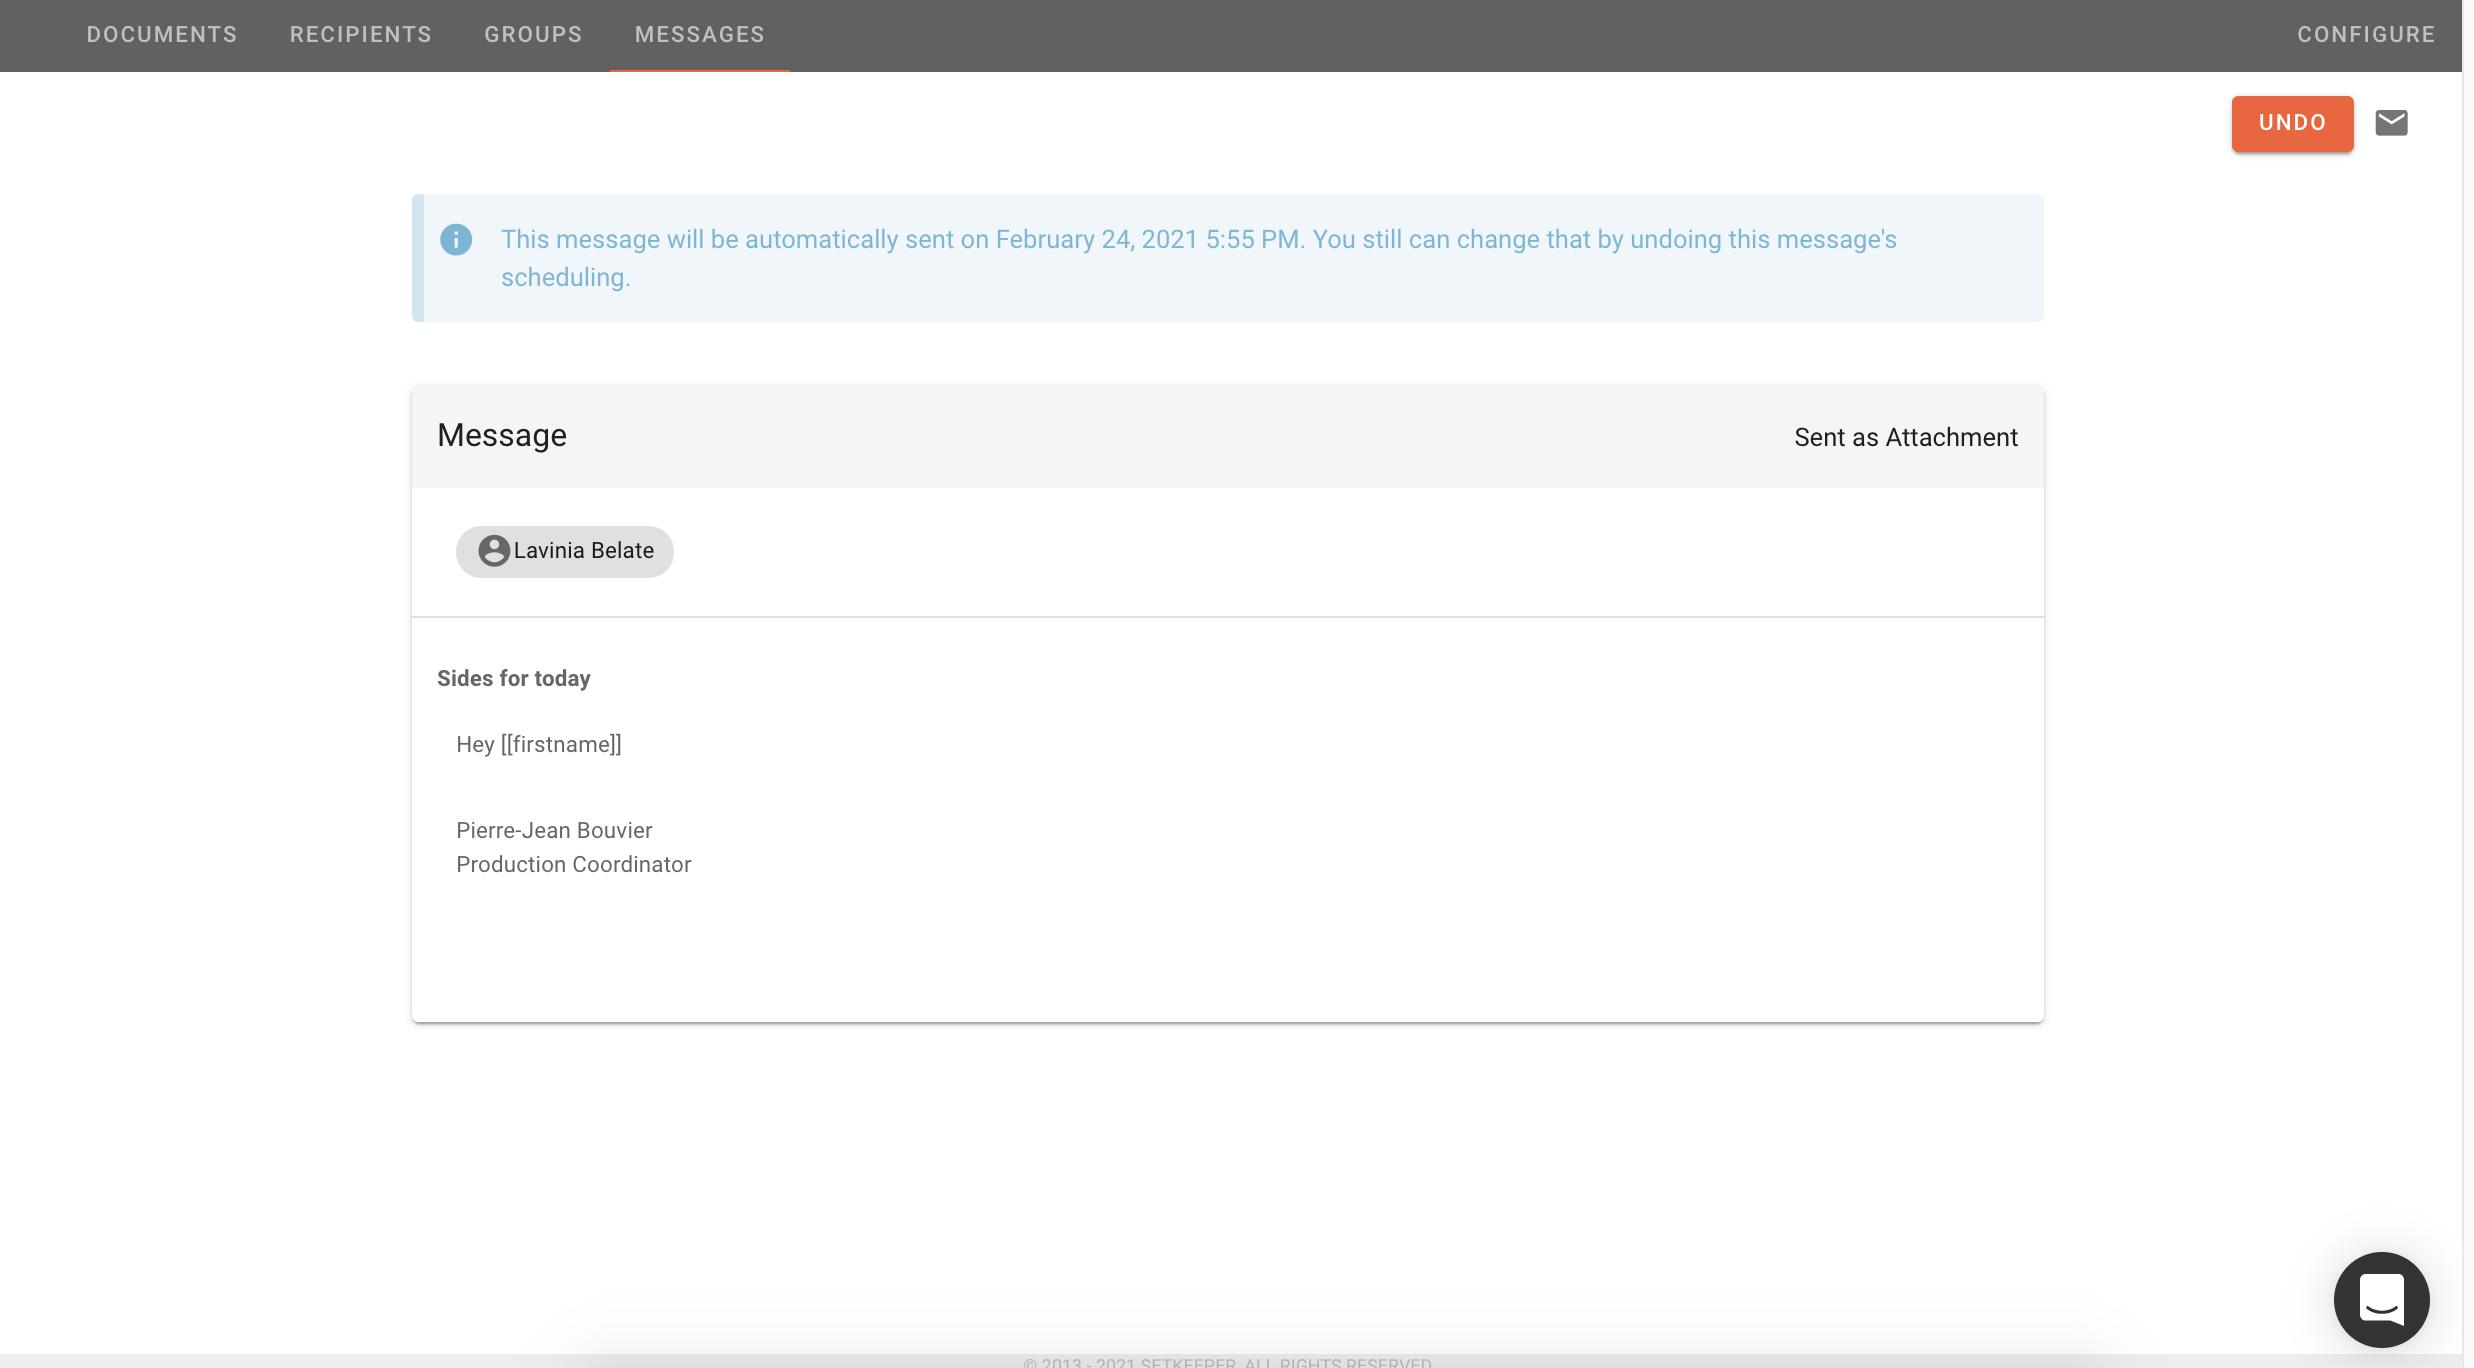 Screenshot 2021-02-24 at 17.54.04.png